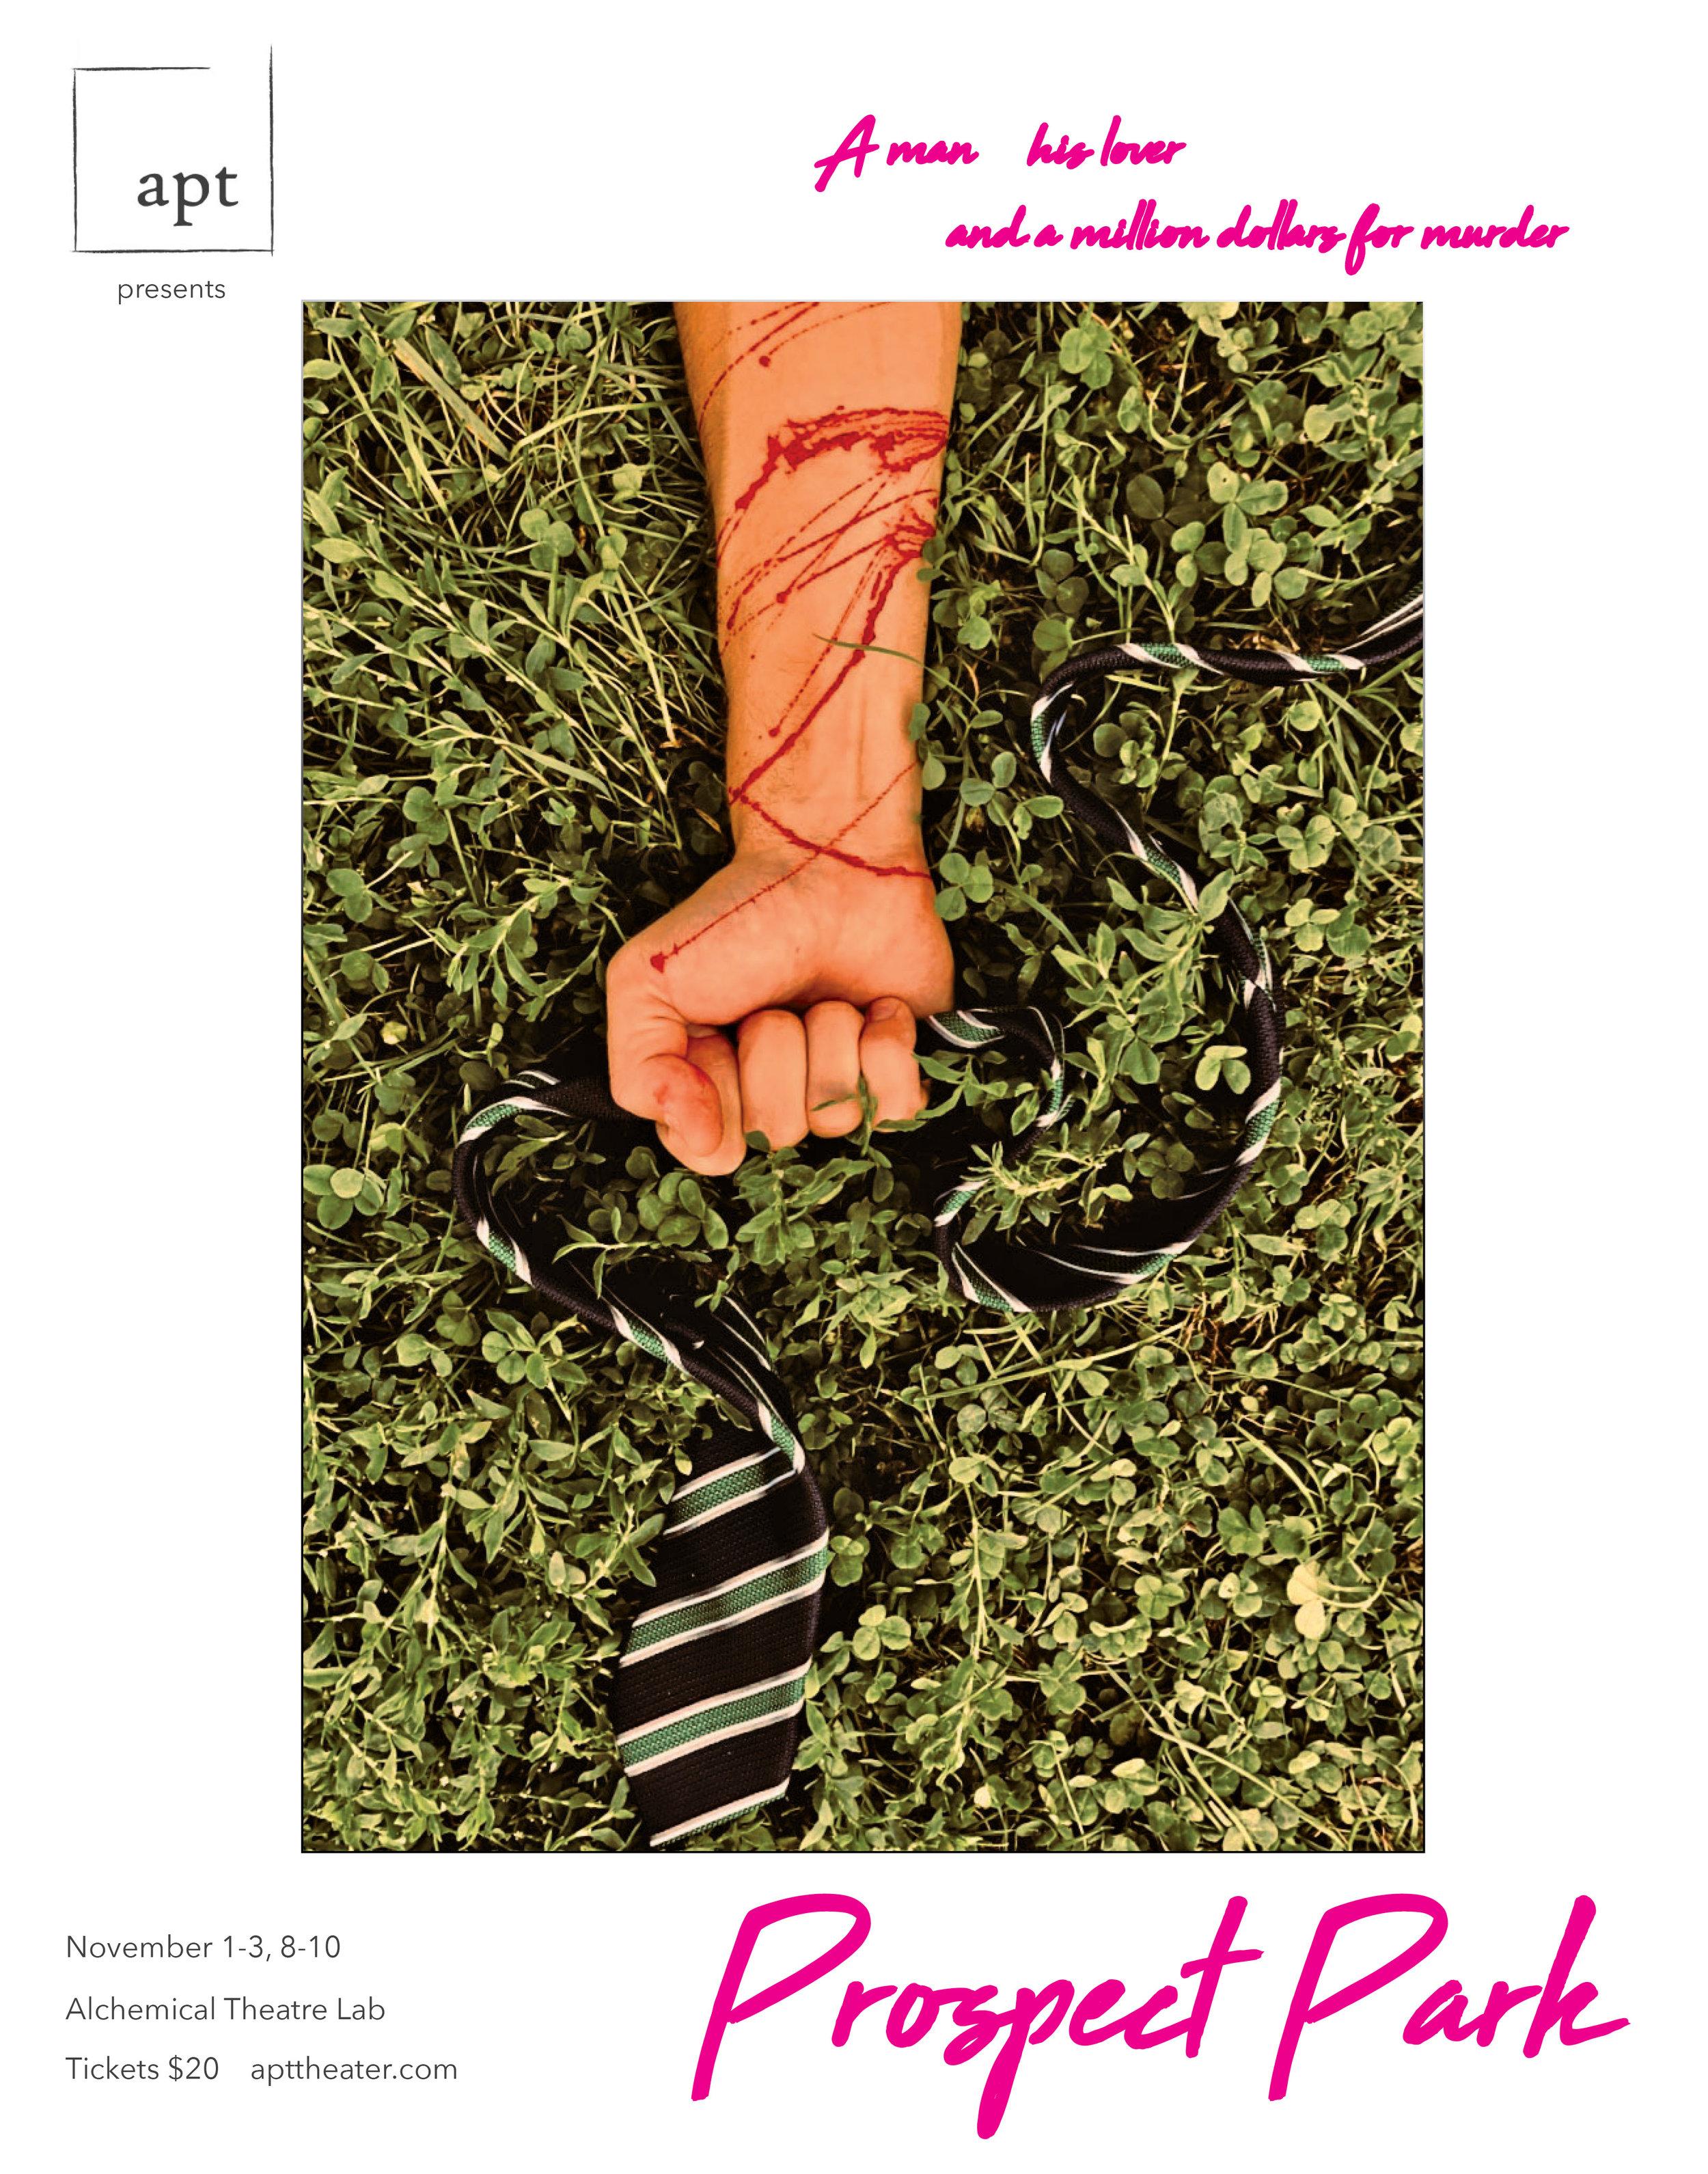 Prospect Park 2018 Poster - Draft 5 - Whitespace.jpg